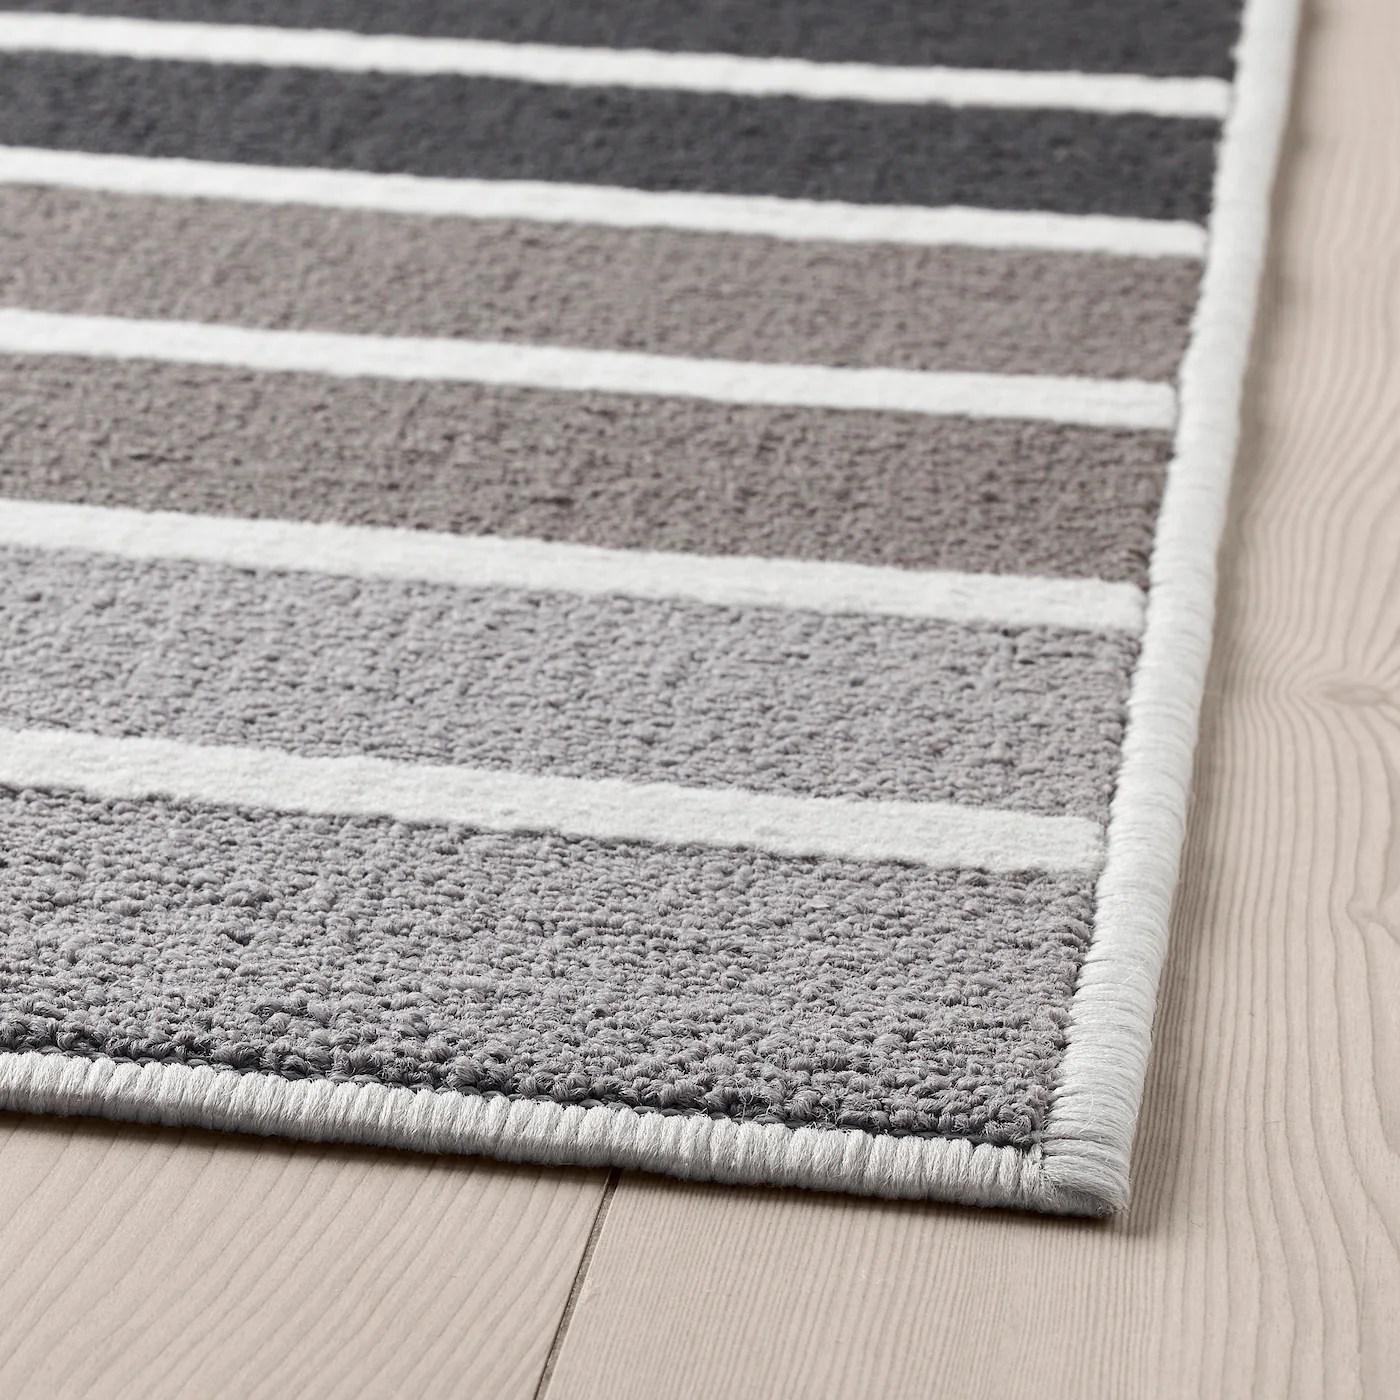 lumsas tapis poils ras gris multicolore 120x180 cm